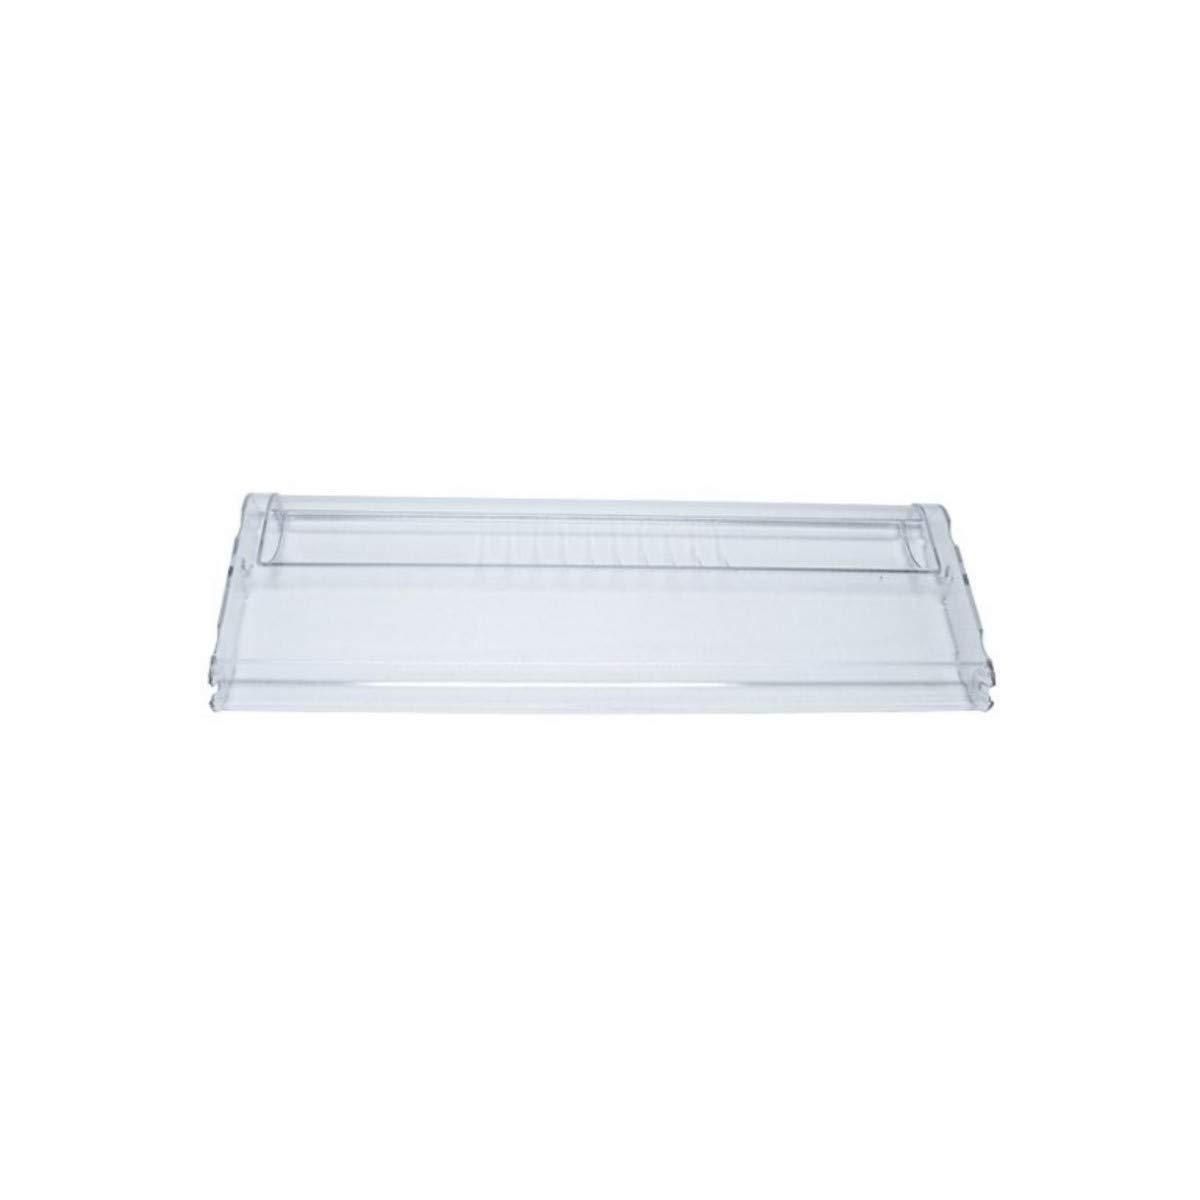 Recamania Tapa basculante congelador frigorífico Balay 4GV16B10 ...